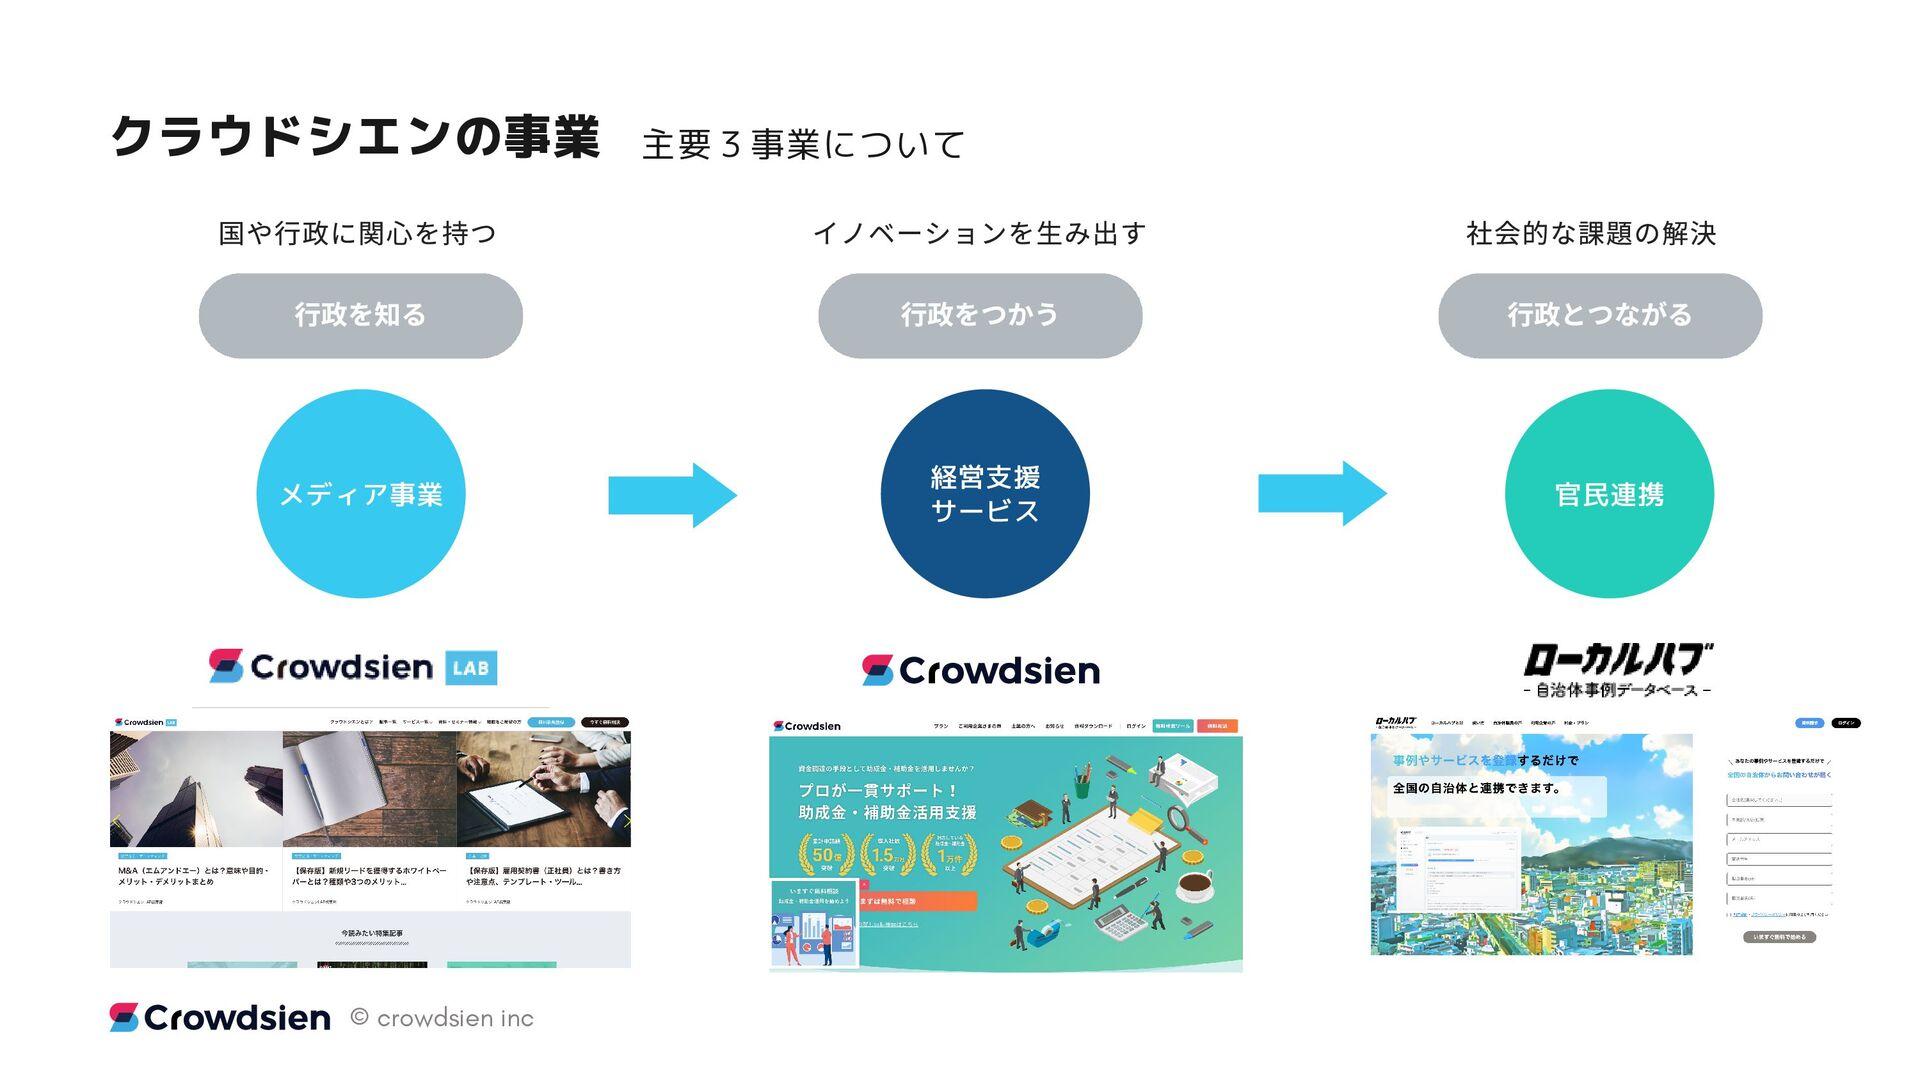 業と 援をつなぐプラットフォーム(Crowdsien ) MAIN SERVECE